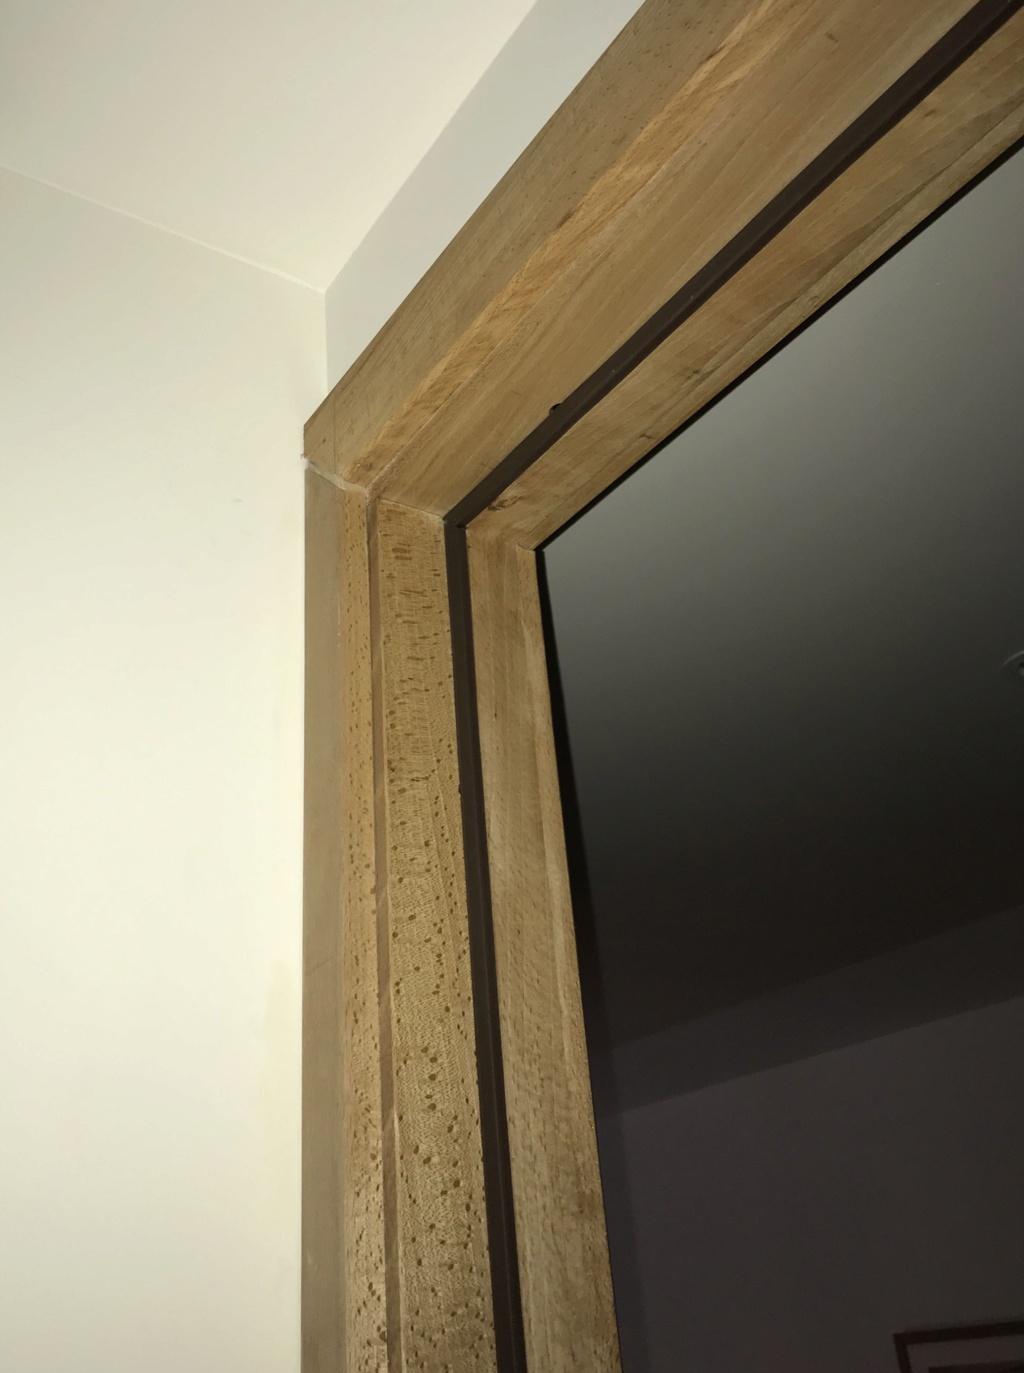 ensemble de portes contemporaines 157_po10